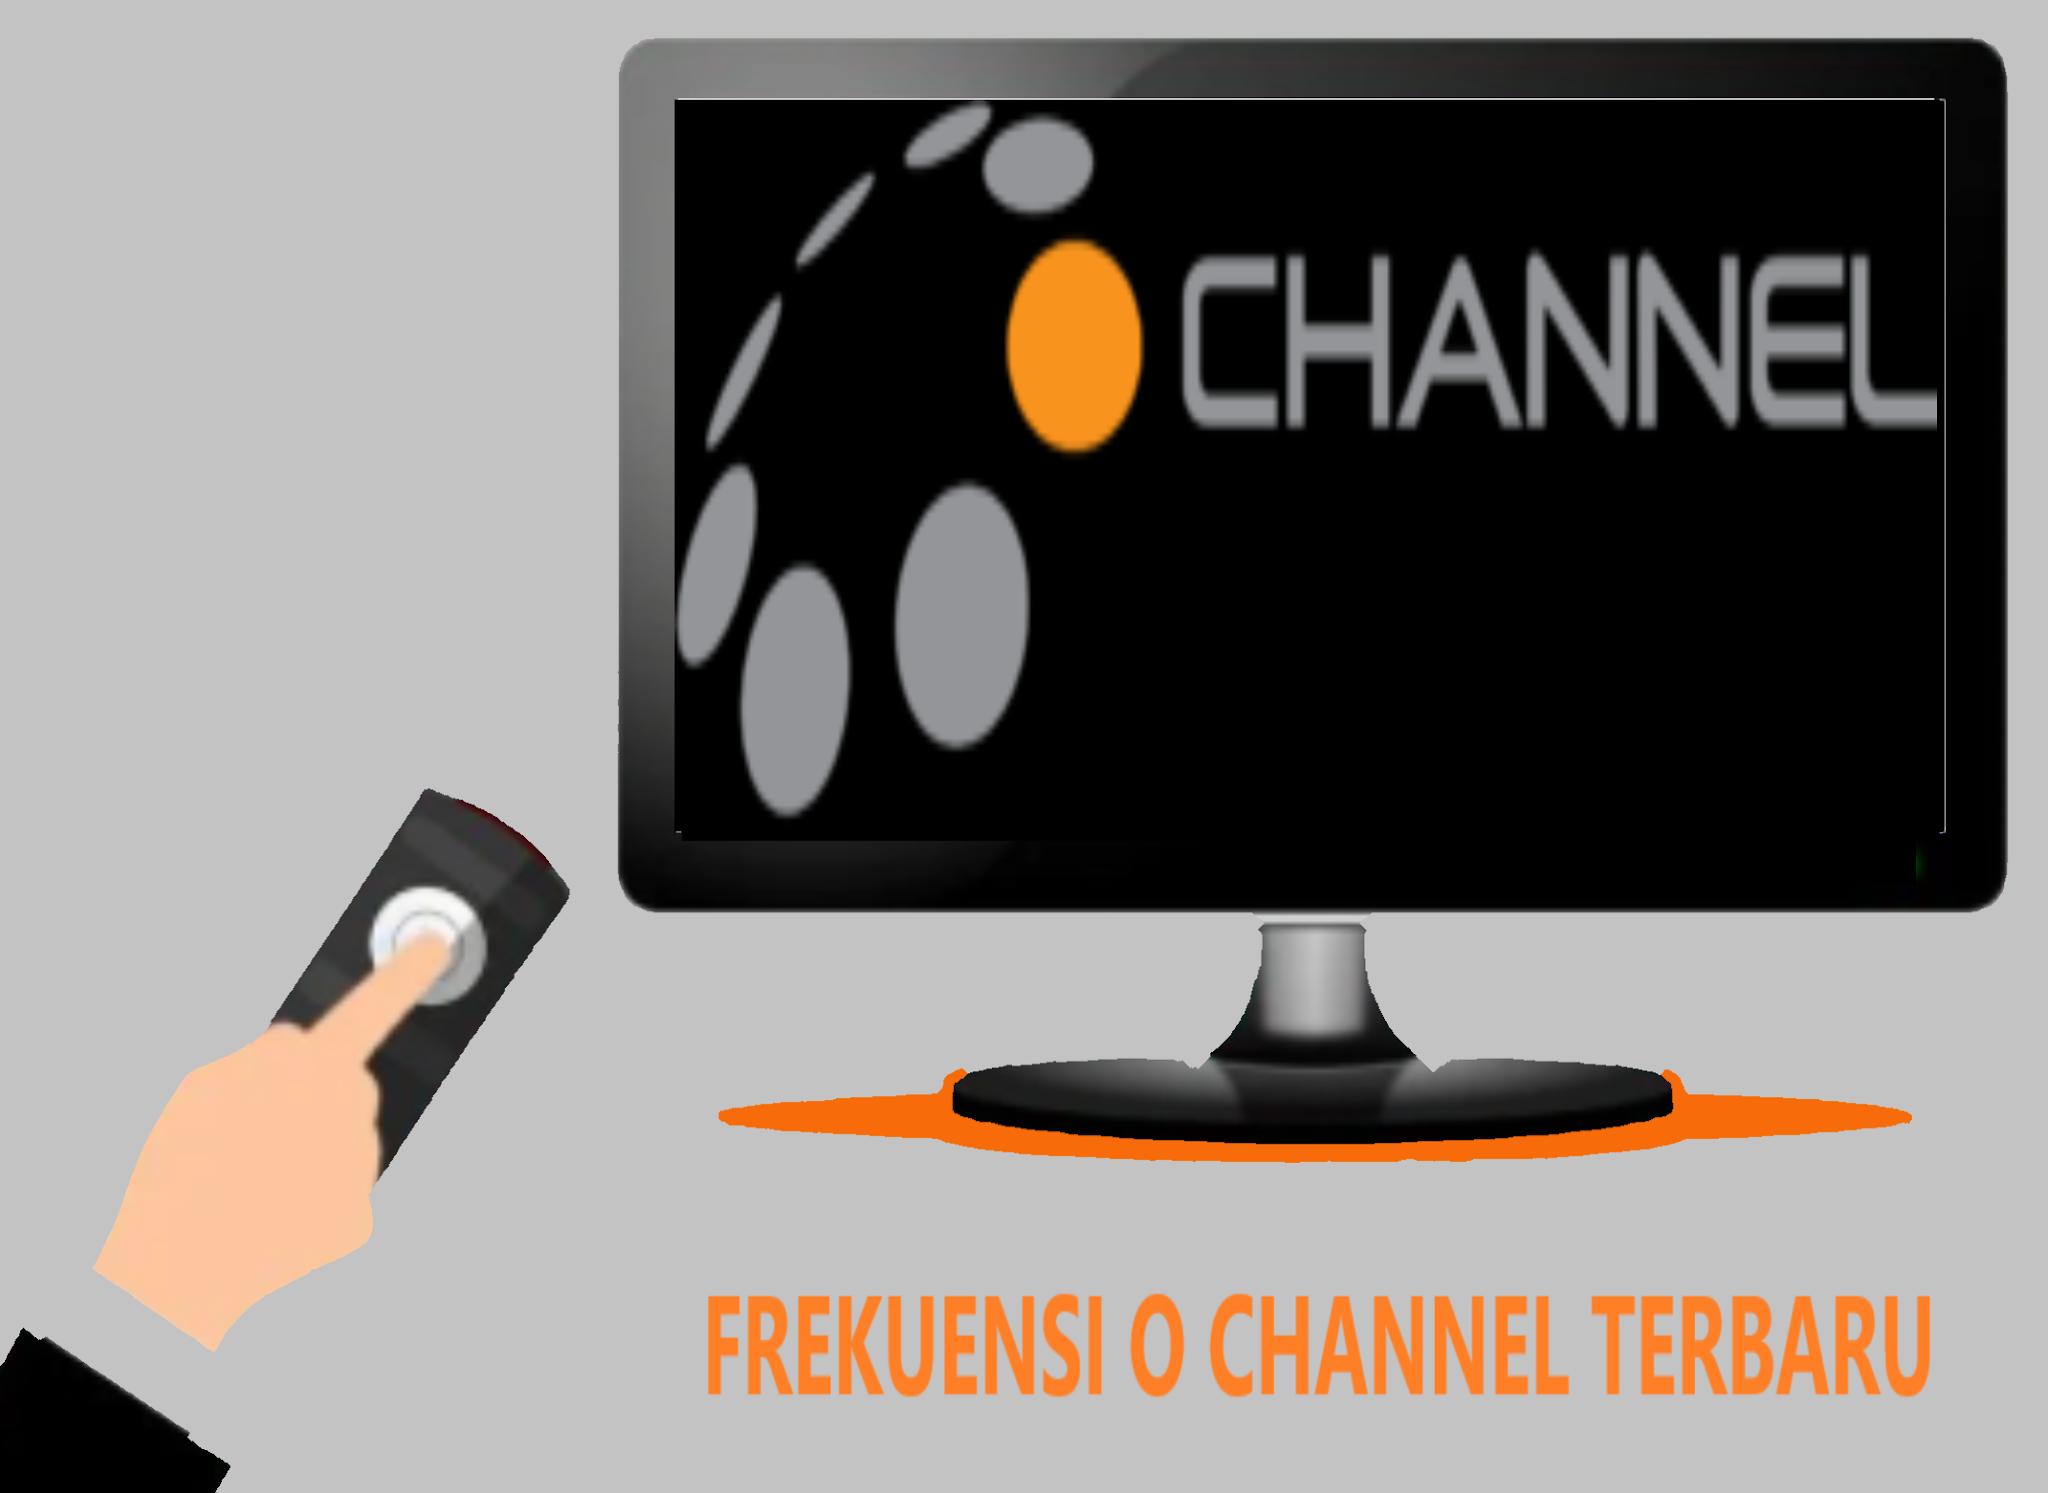 Frekuensi O Channel Terbaru Di Telkom 4 2020